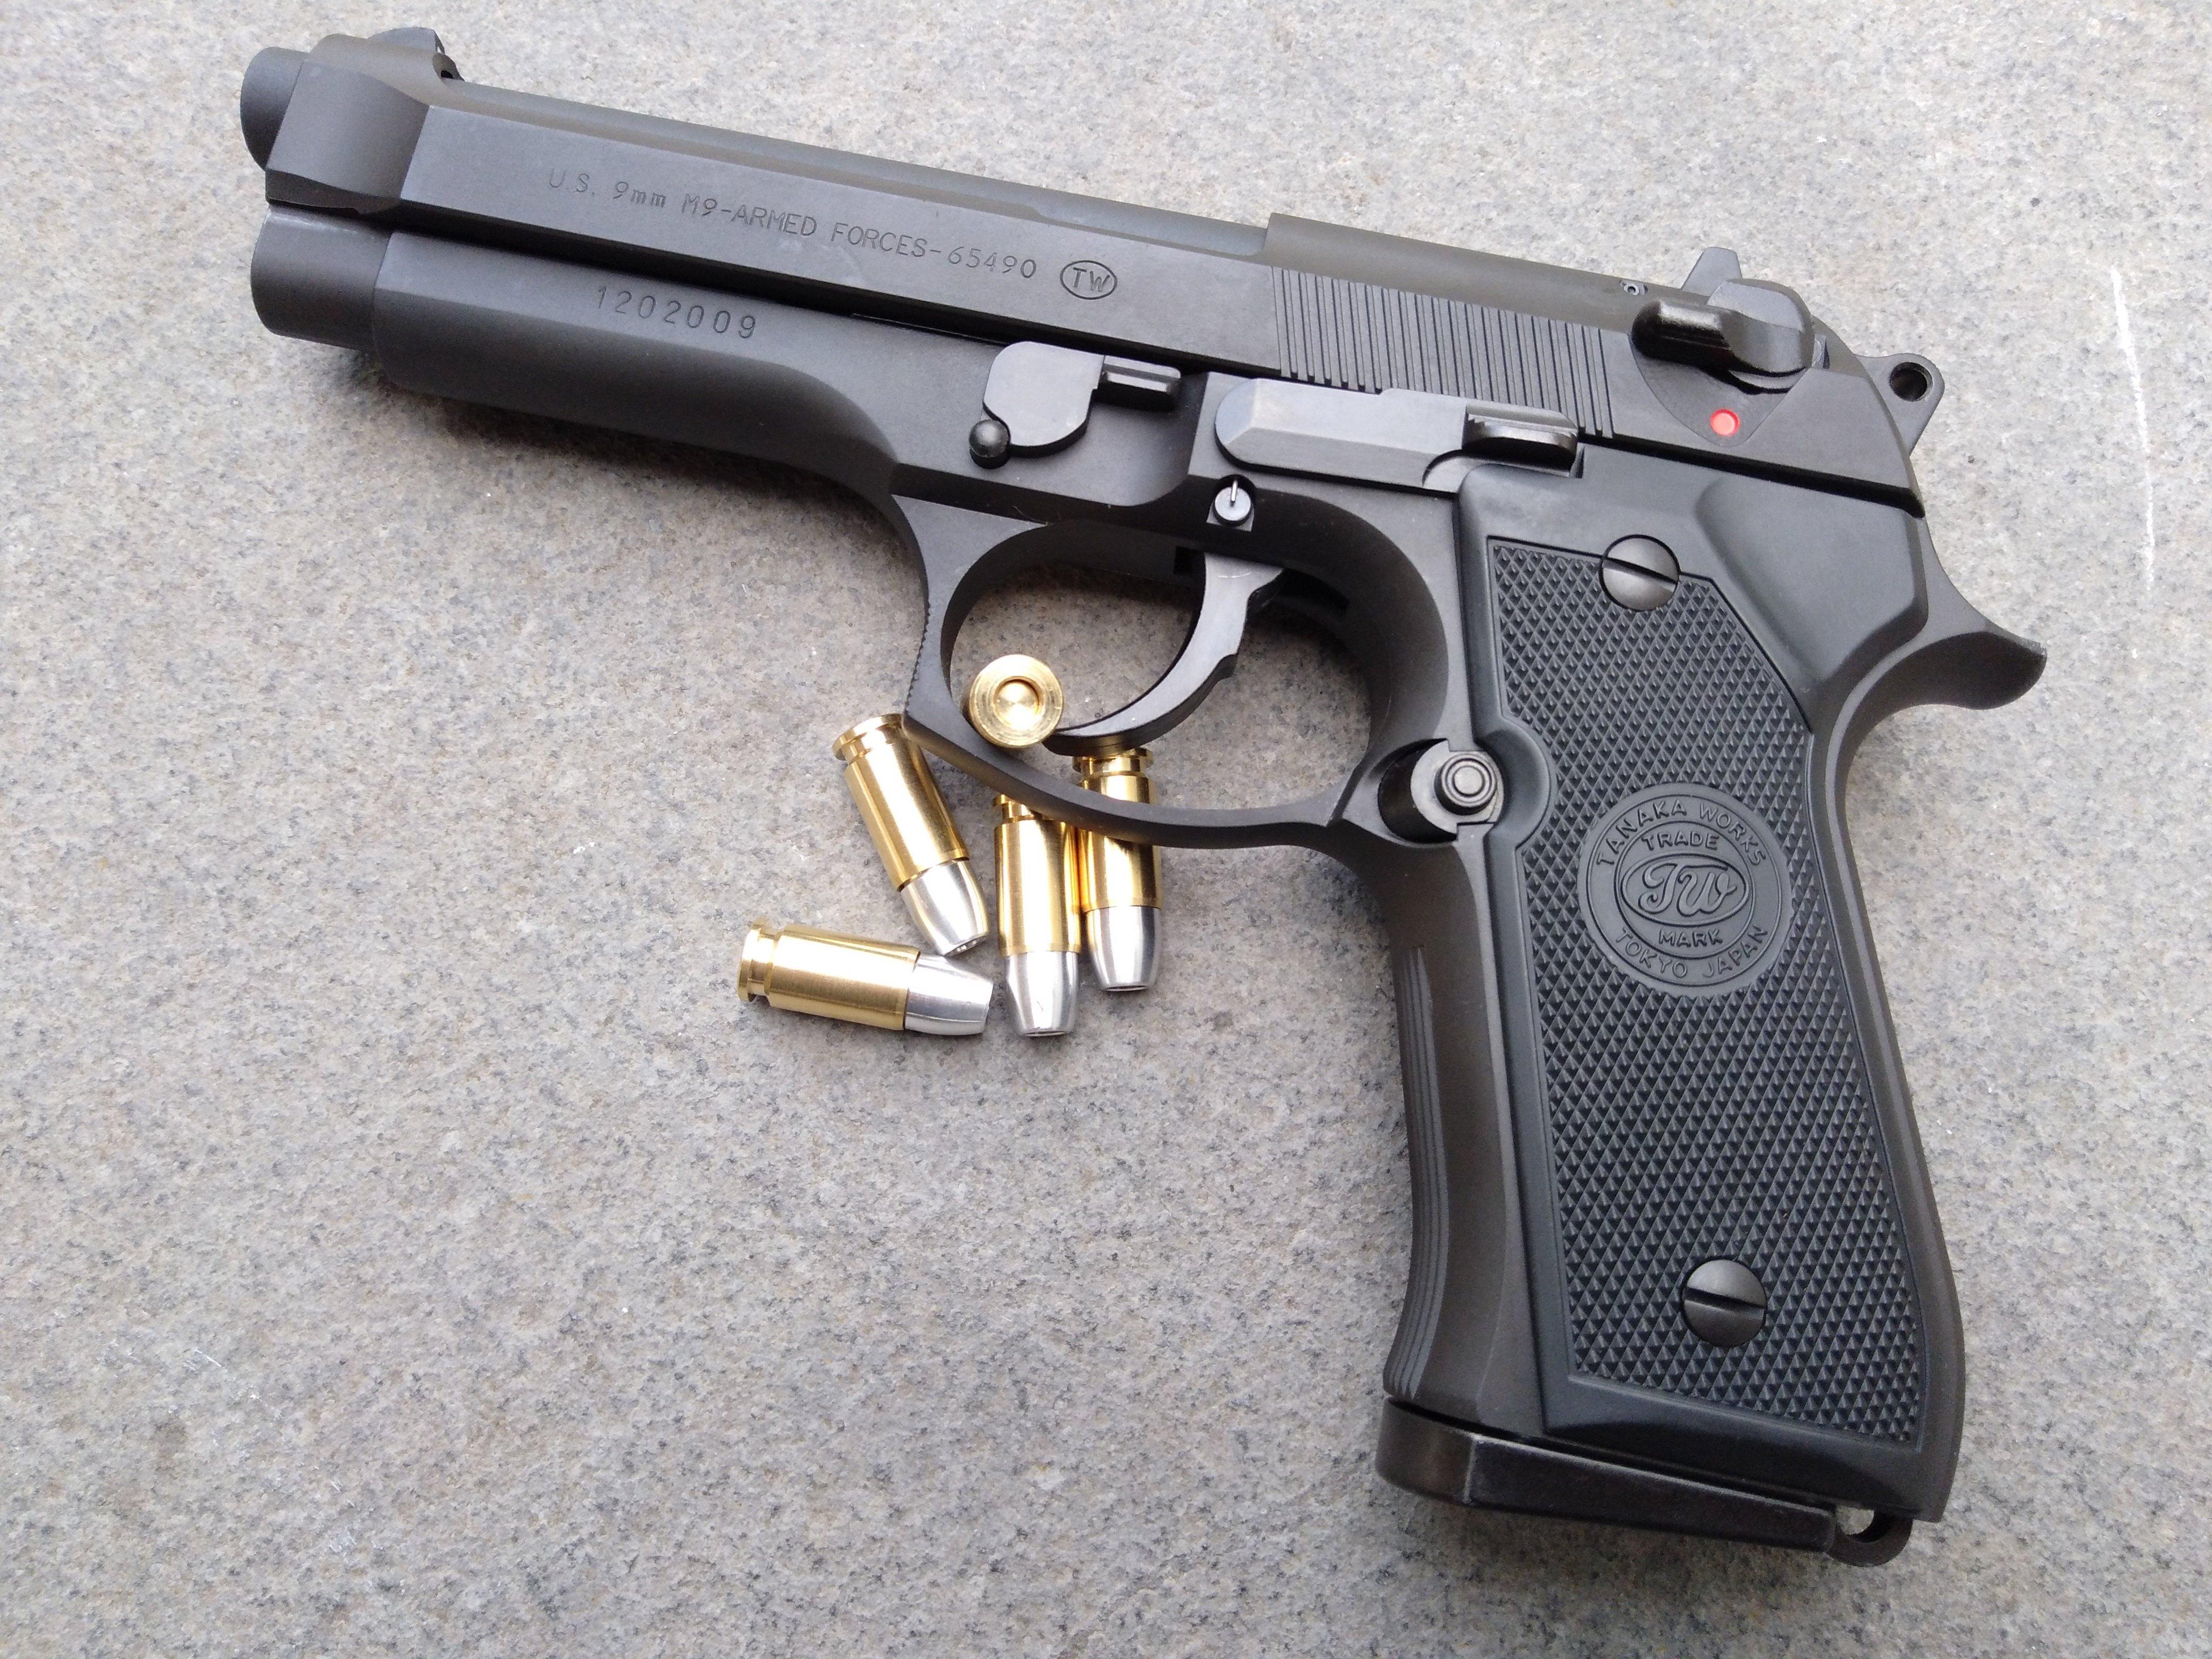 Tanaka Beretta M92 Evolution